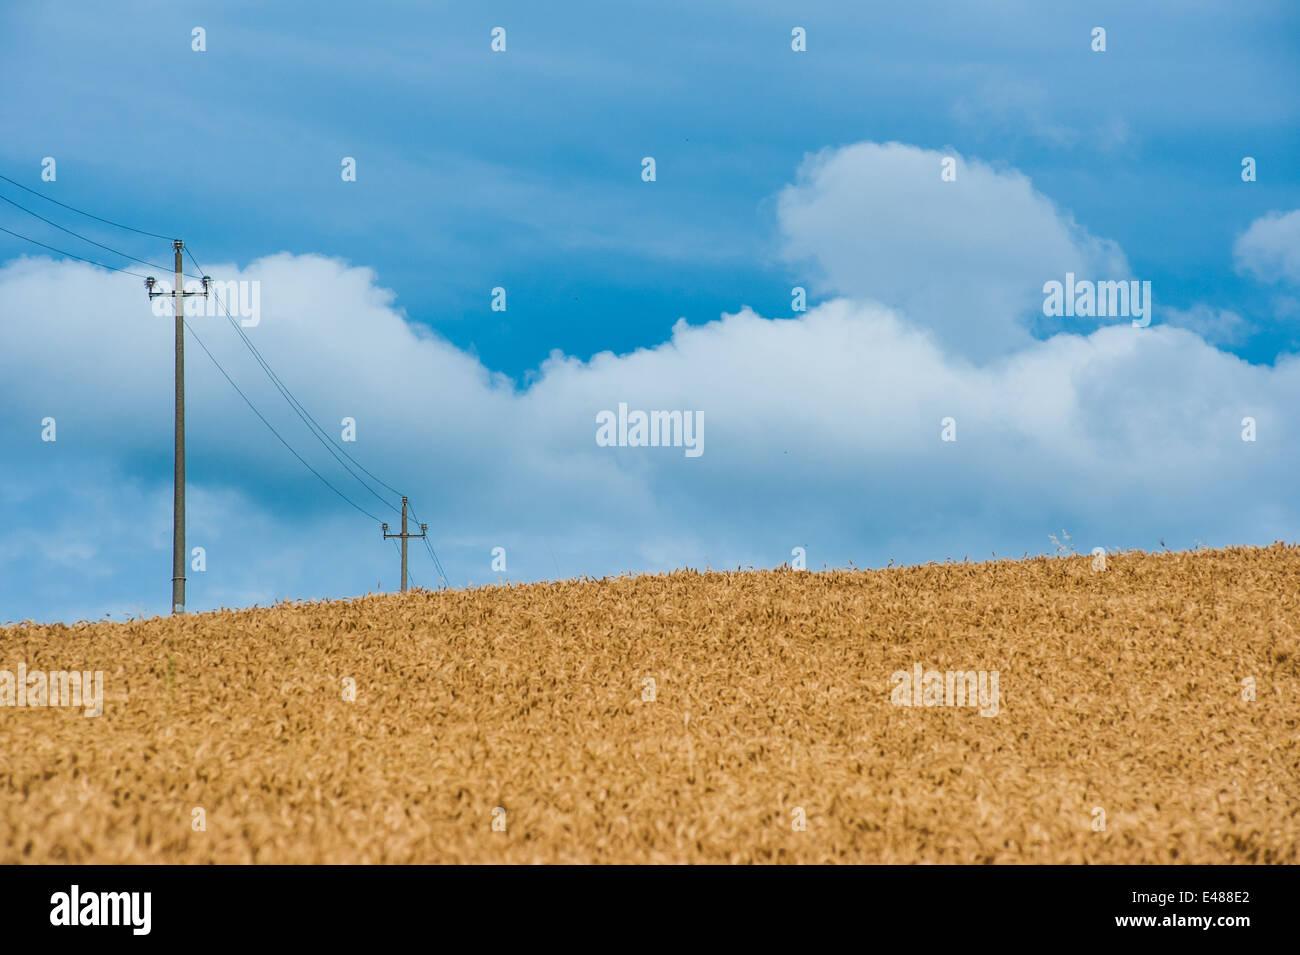 Campo di grano contro nuvoloso cielo blu sulle colline di Piacenza (colli piacentini), Italia Immagini Stock